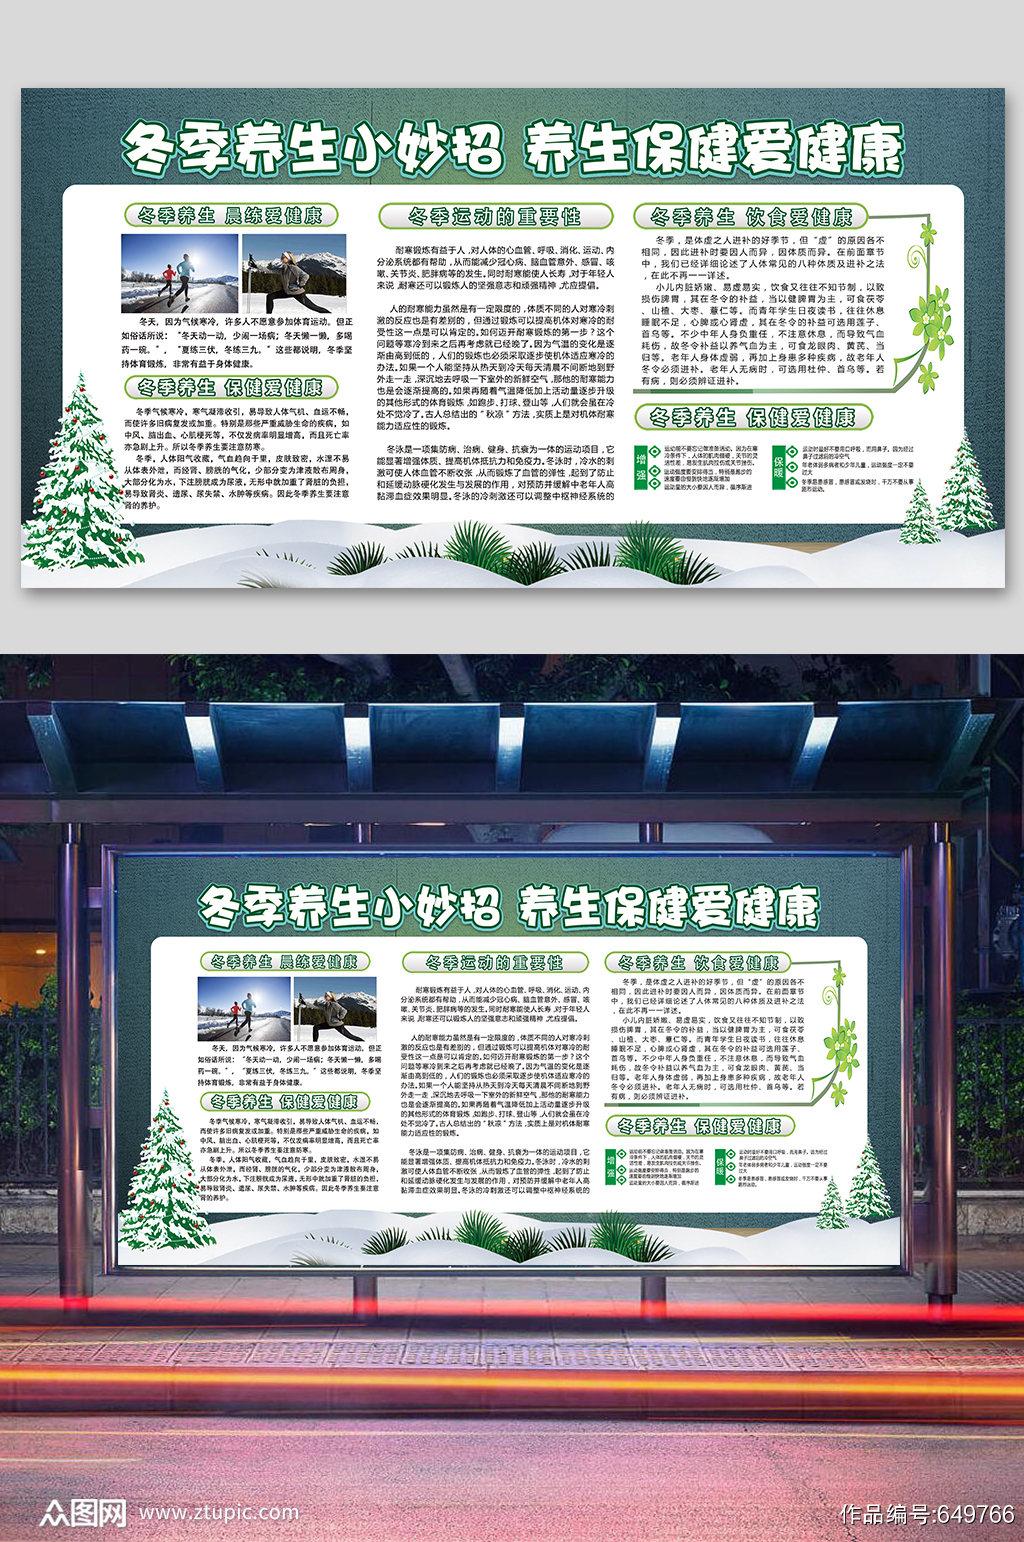 冬季健康宣传冬季养生妙招素材